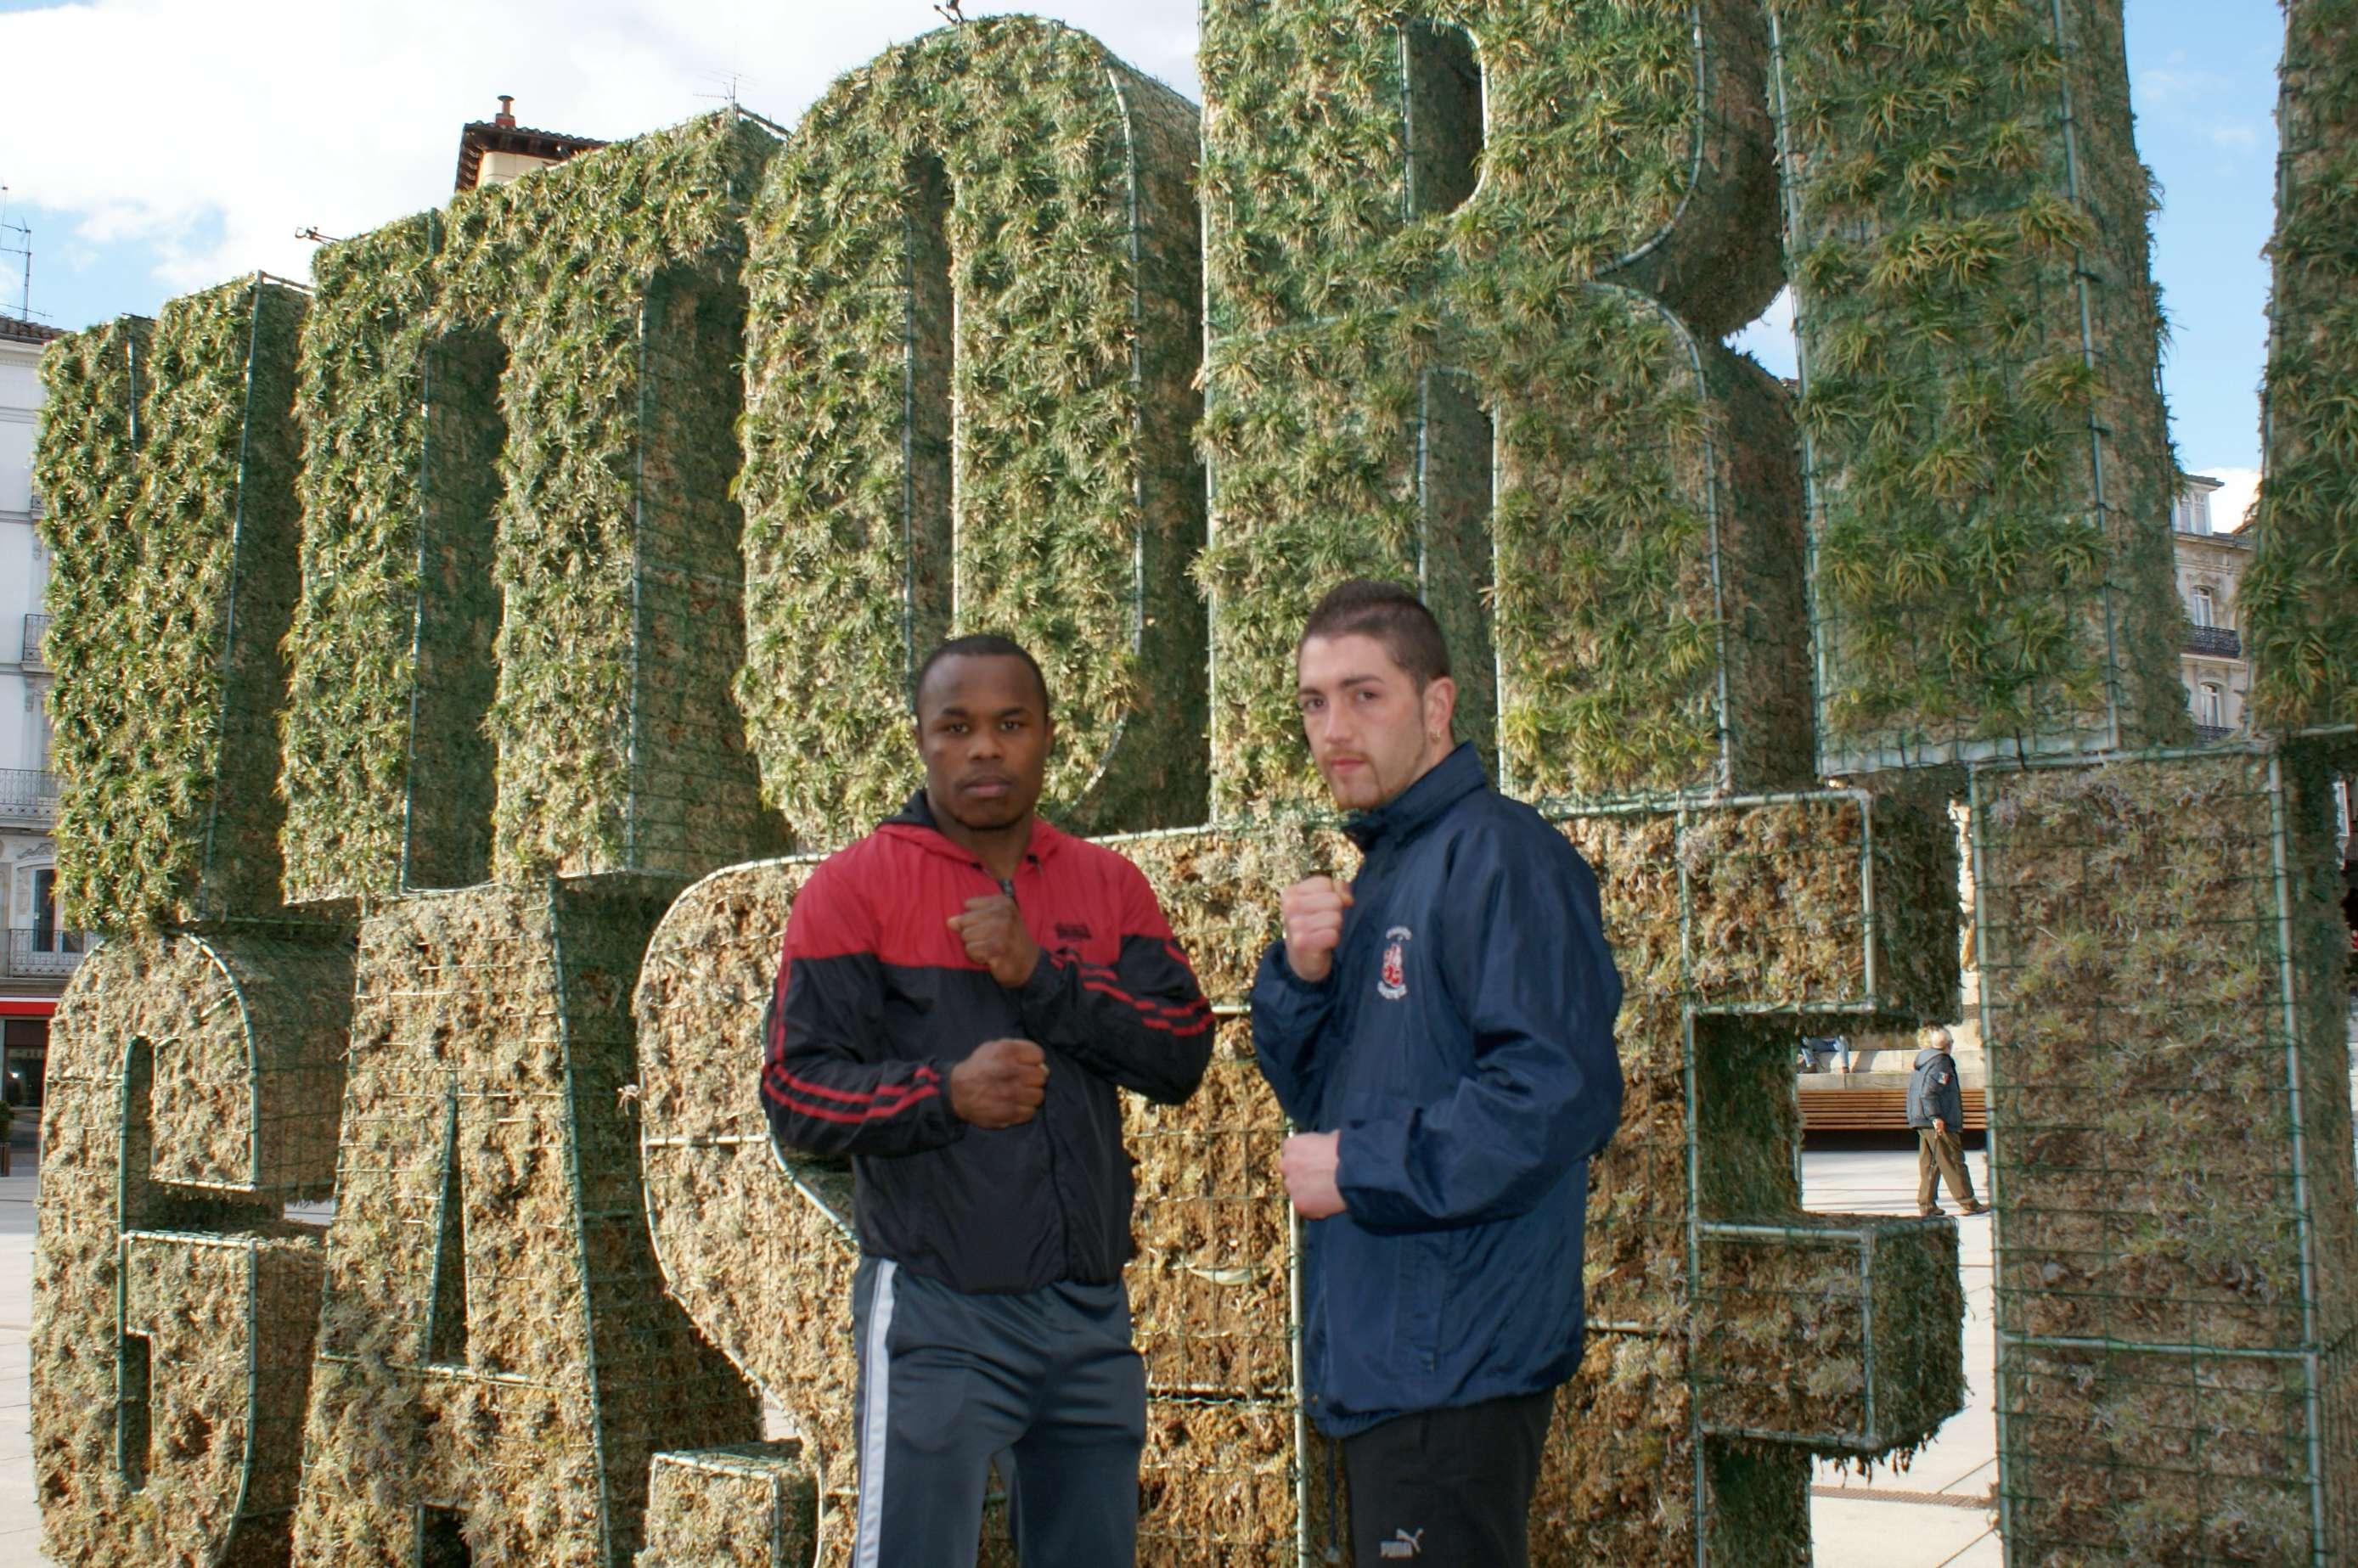 Nacho Mendoza y Andoni Alonso, dos grandes profesionales del boxeo que viven en Vitoria-Gasteiz y que se subirán al ring en la velada del próximo 20 de abril en Mendizorrotza